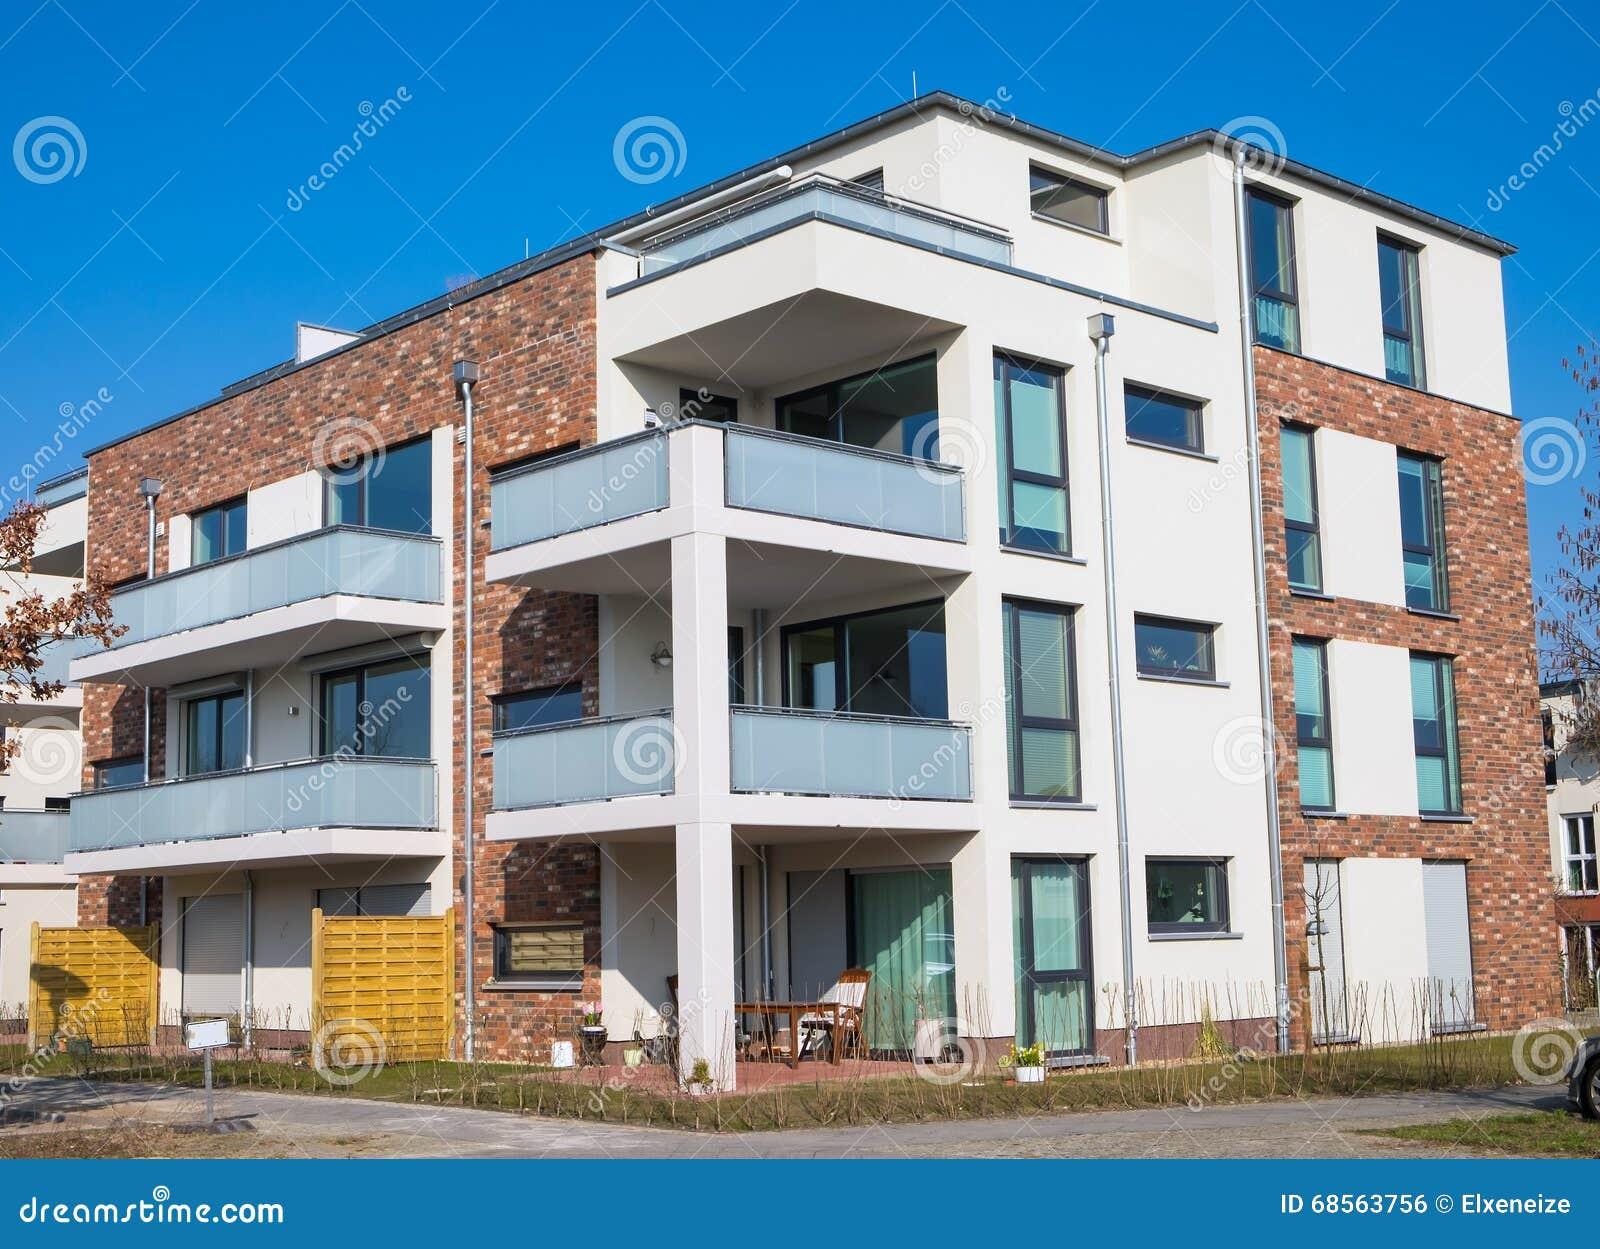 Nuovo caseggiato a Berlino